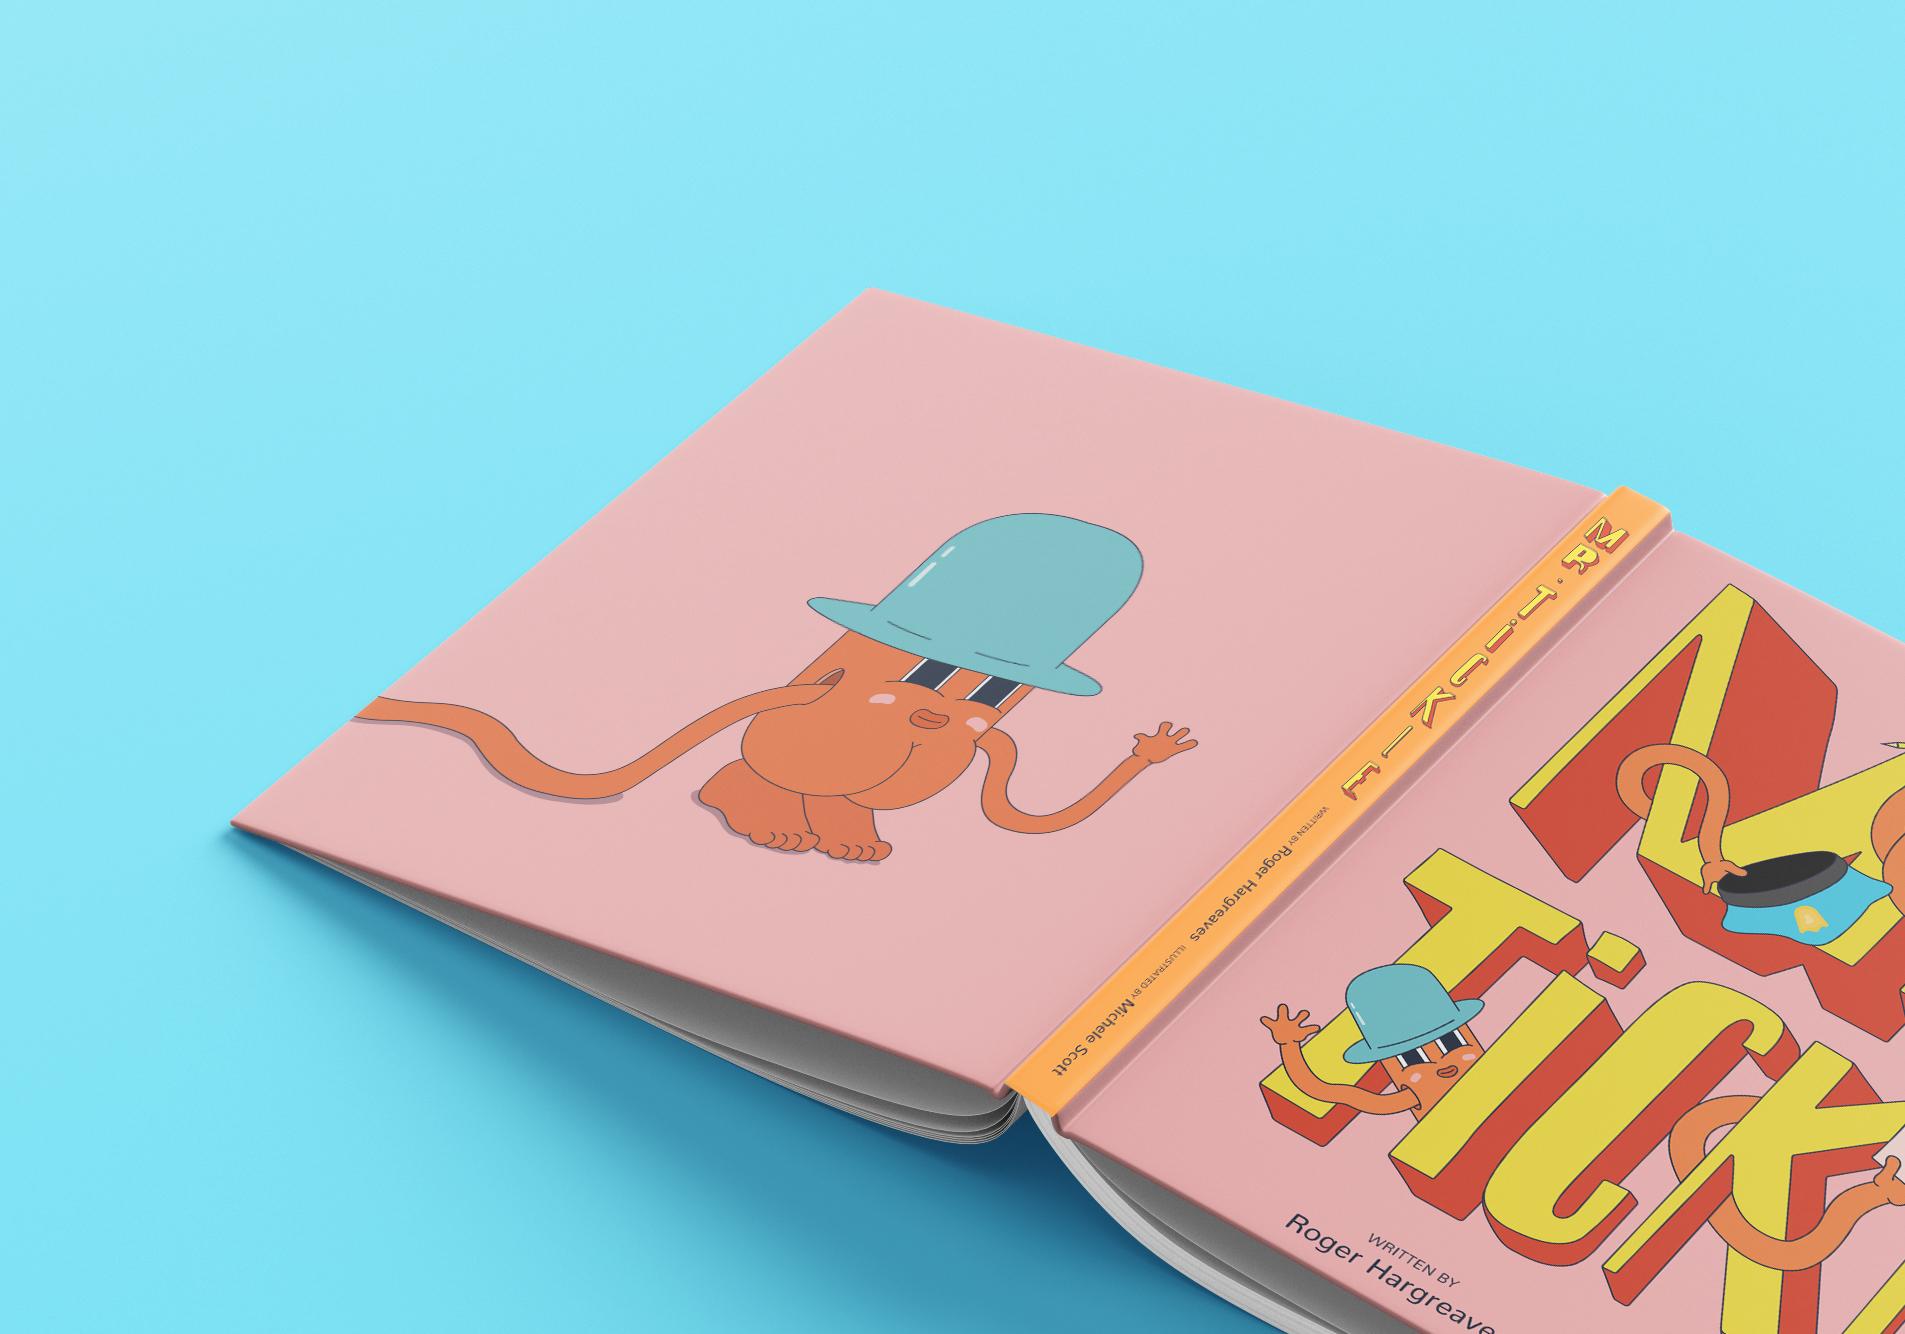 Mr. Tickle  Illustration, Book design, Cover design